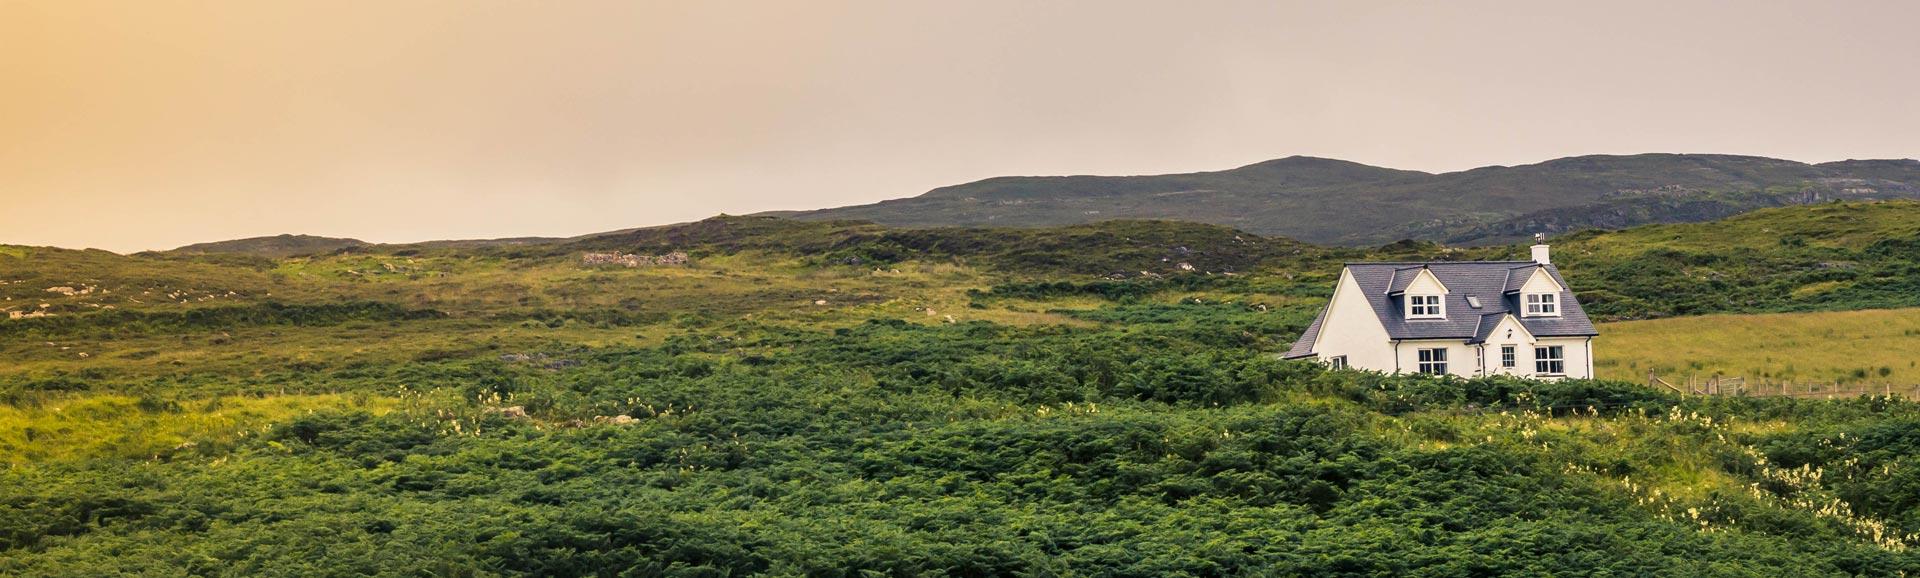 Ein einsames Haus in der grünen Landschaft der Lowlands, Schottland.